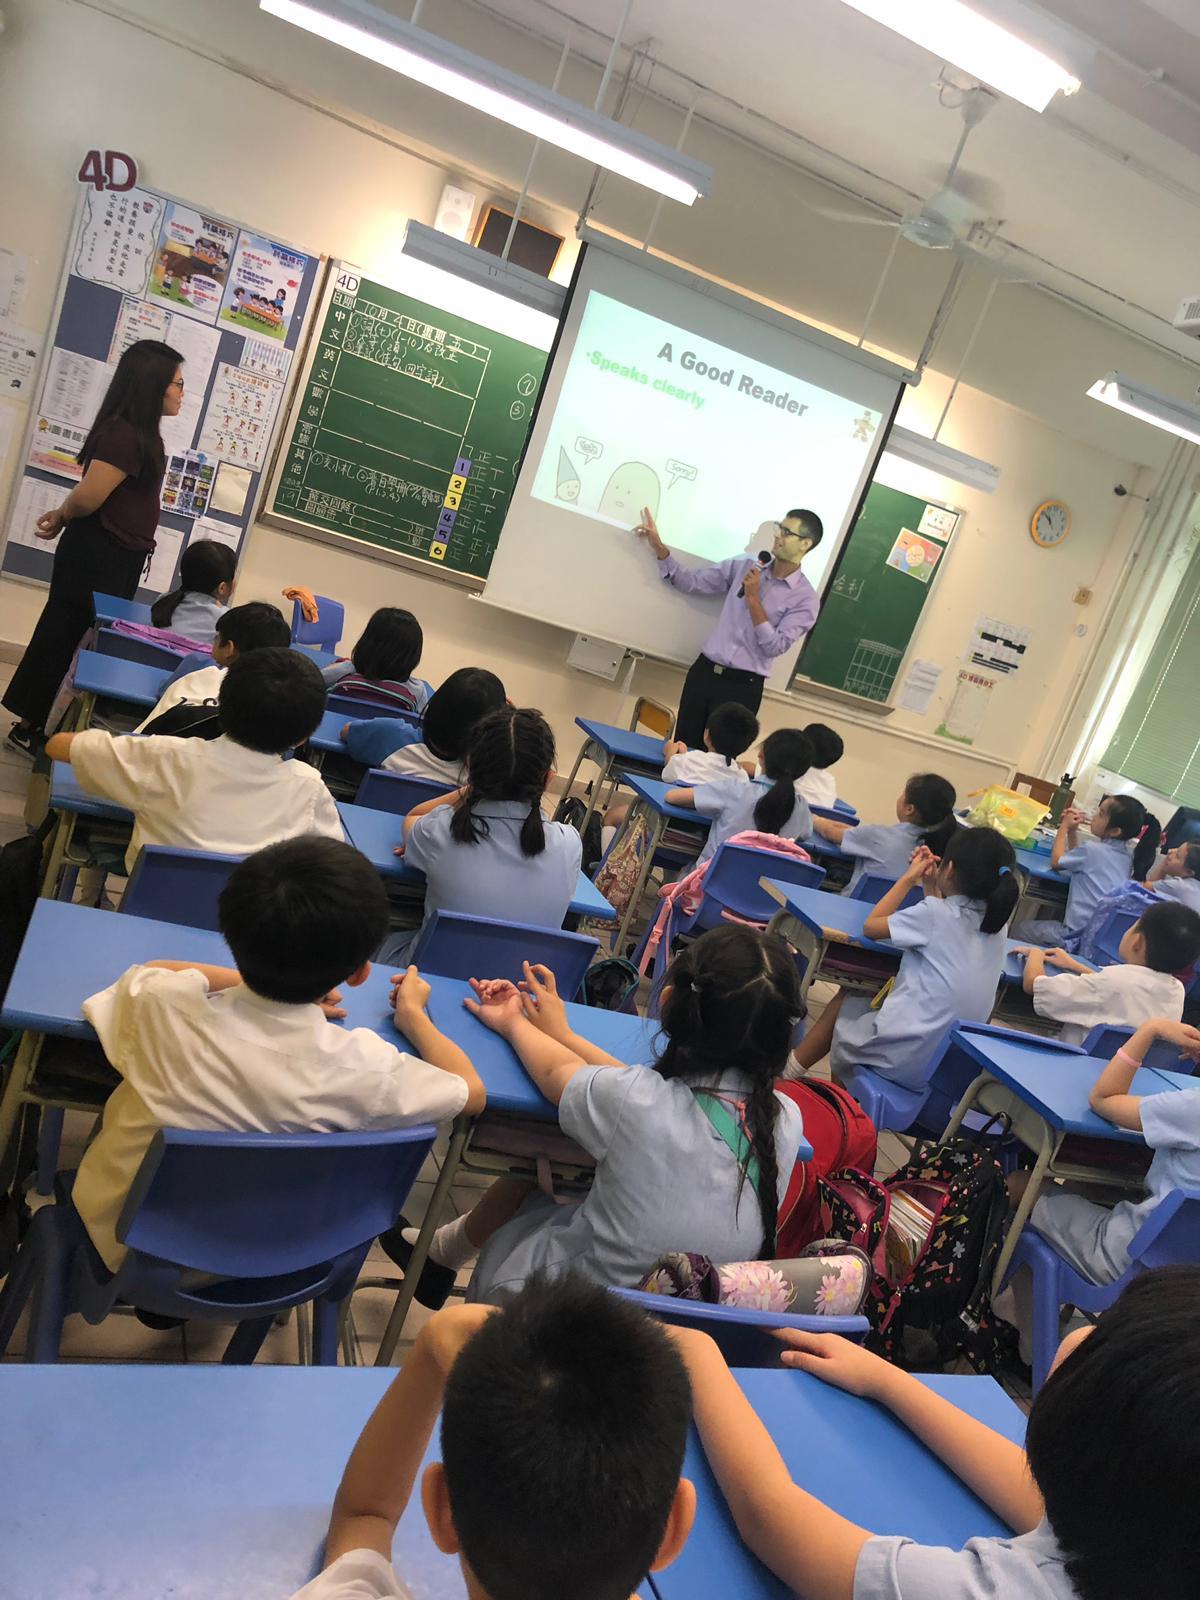 http://www.keiwan.edu.hk/sites/default/files/img-20191005-wa0008.jpg